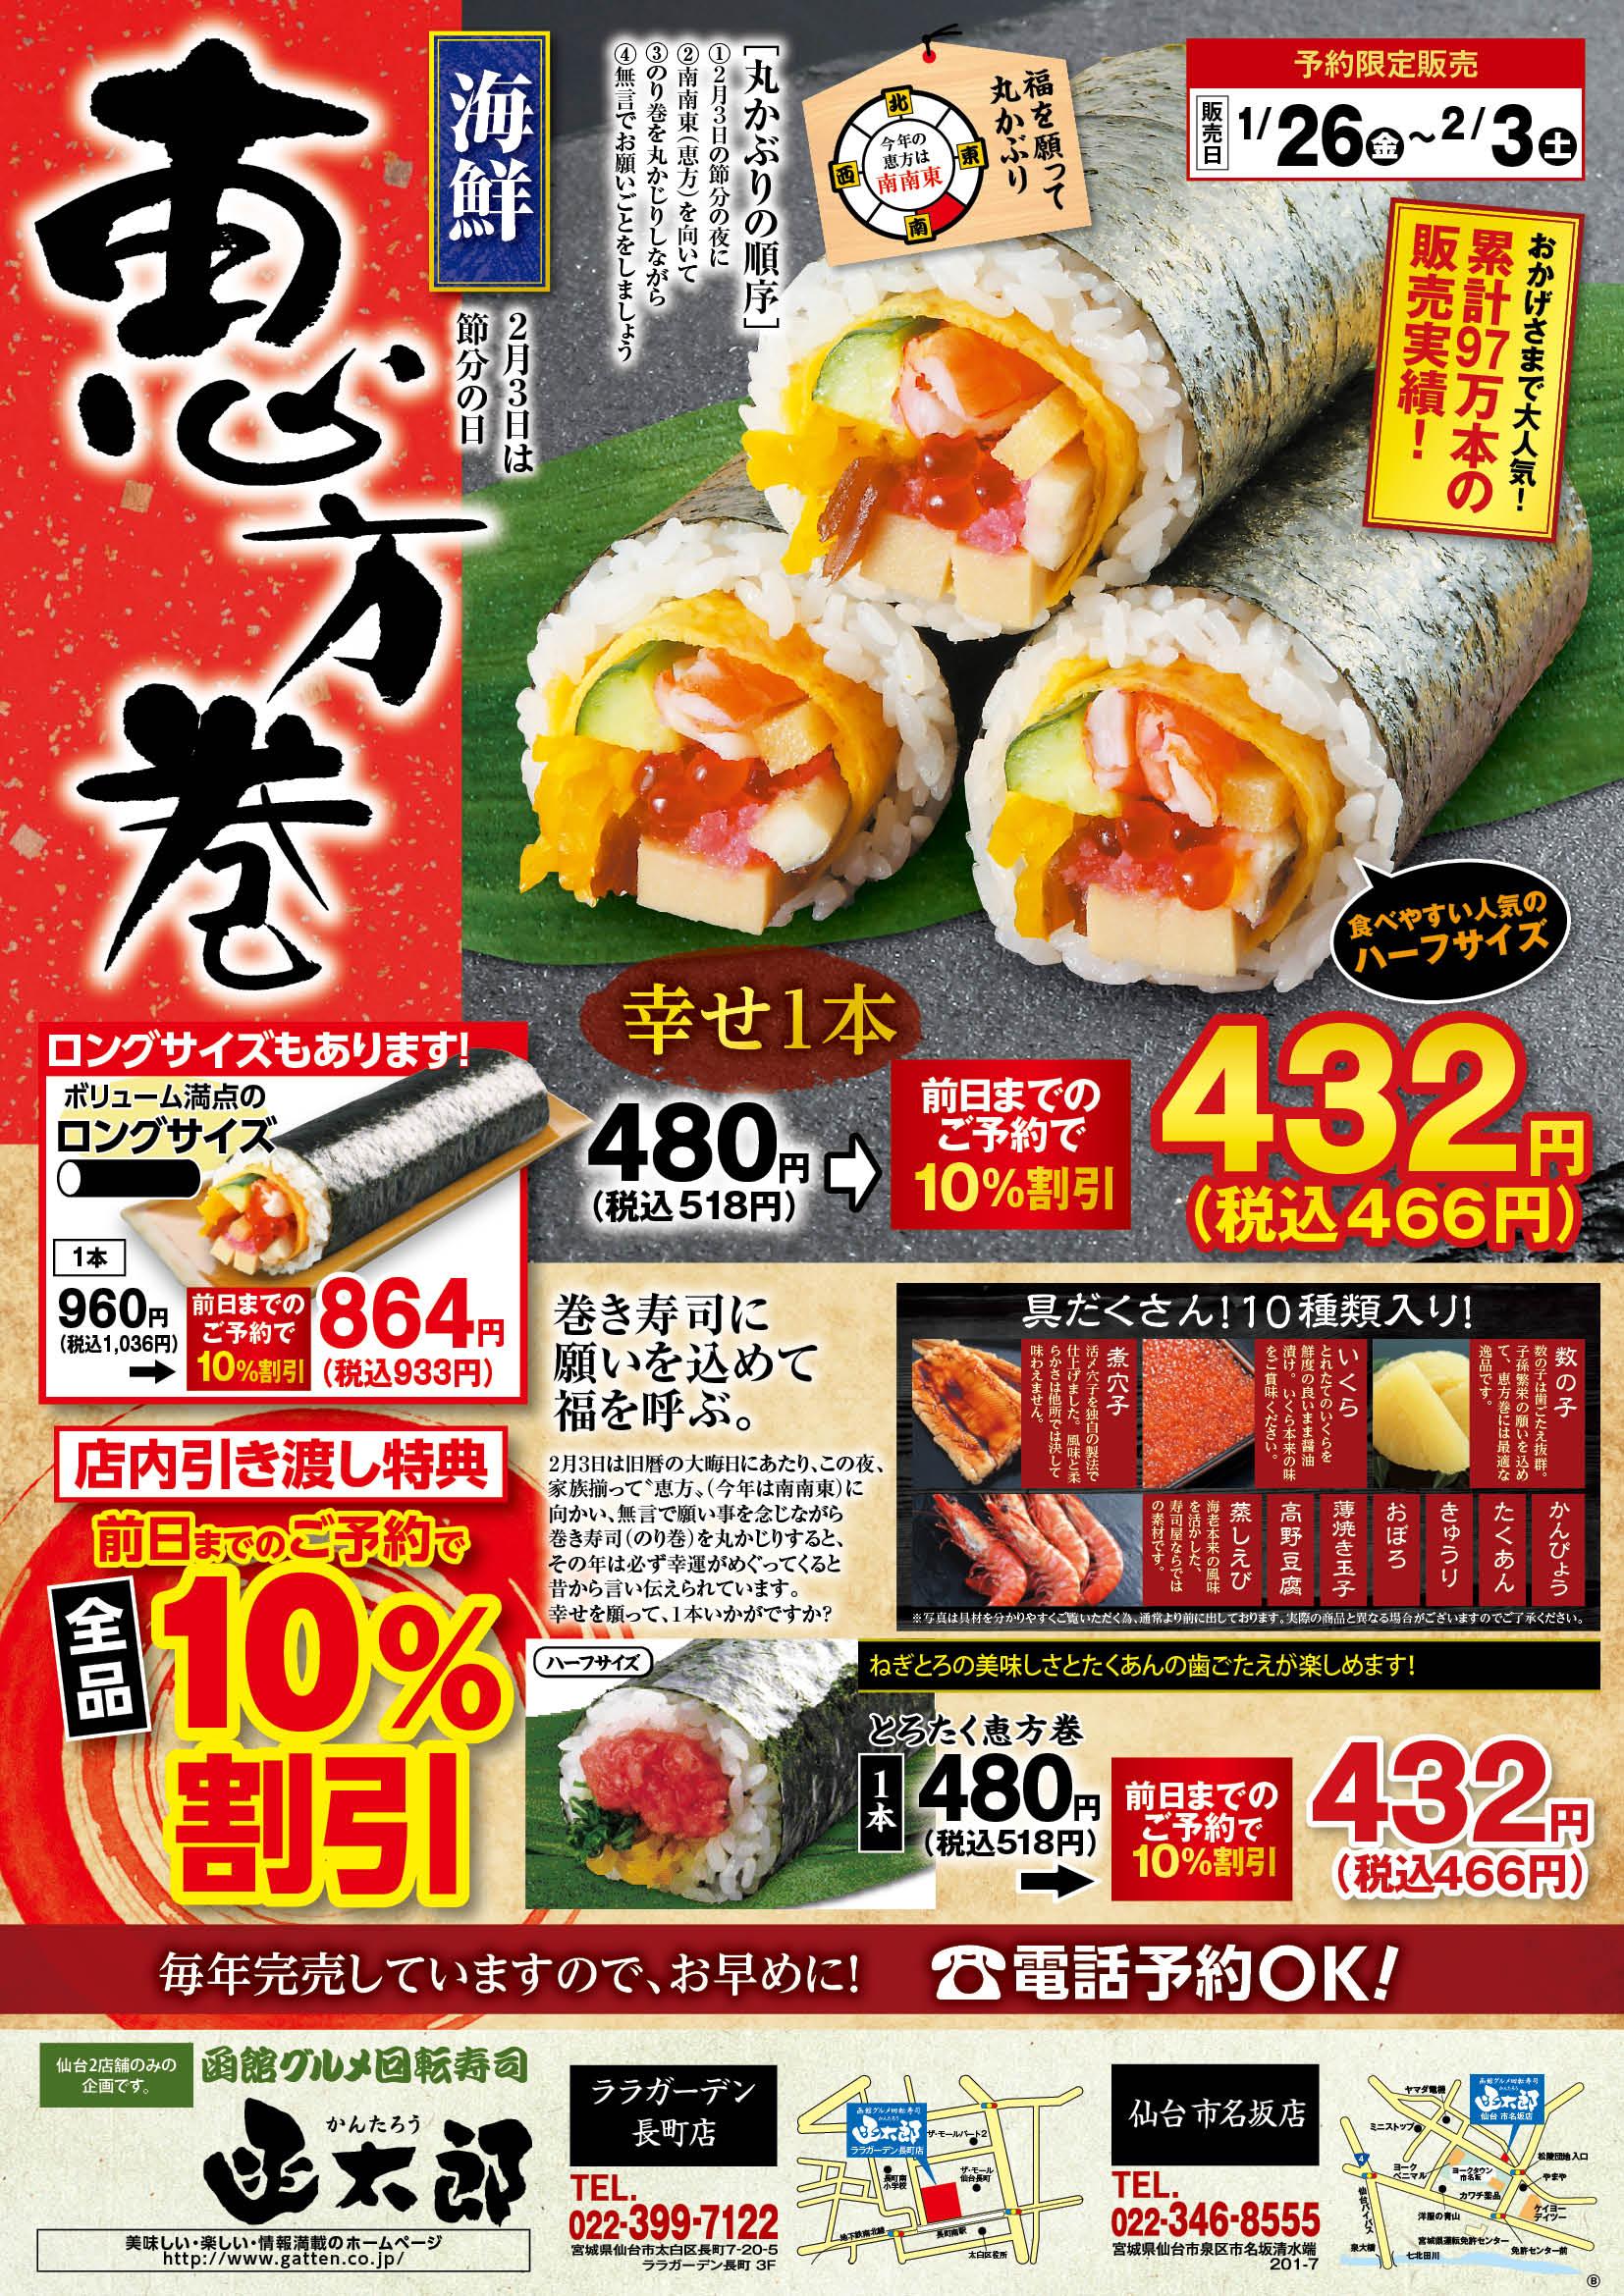 おみやげ購入おすすめスポット | 八戸市観光情報サ …